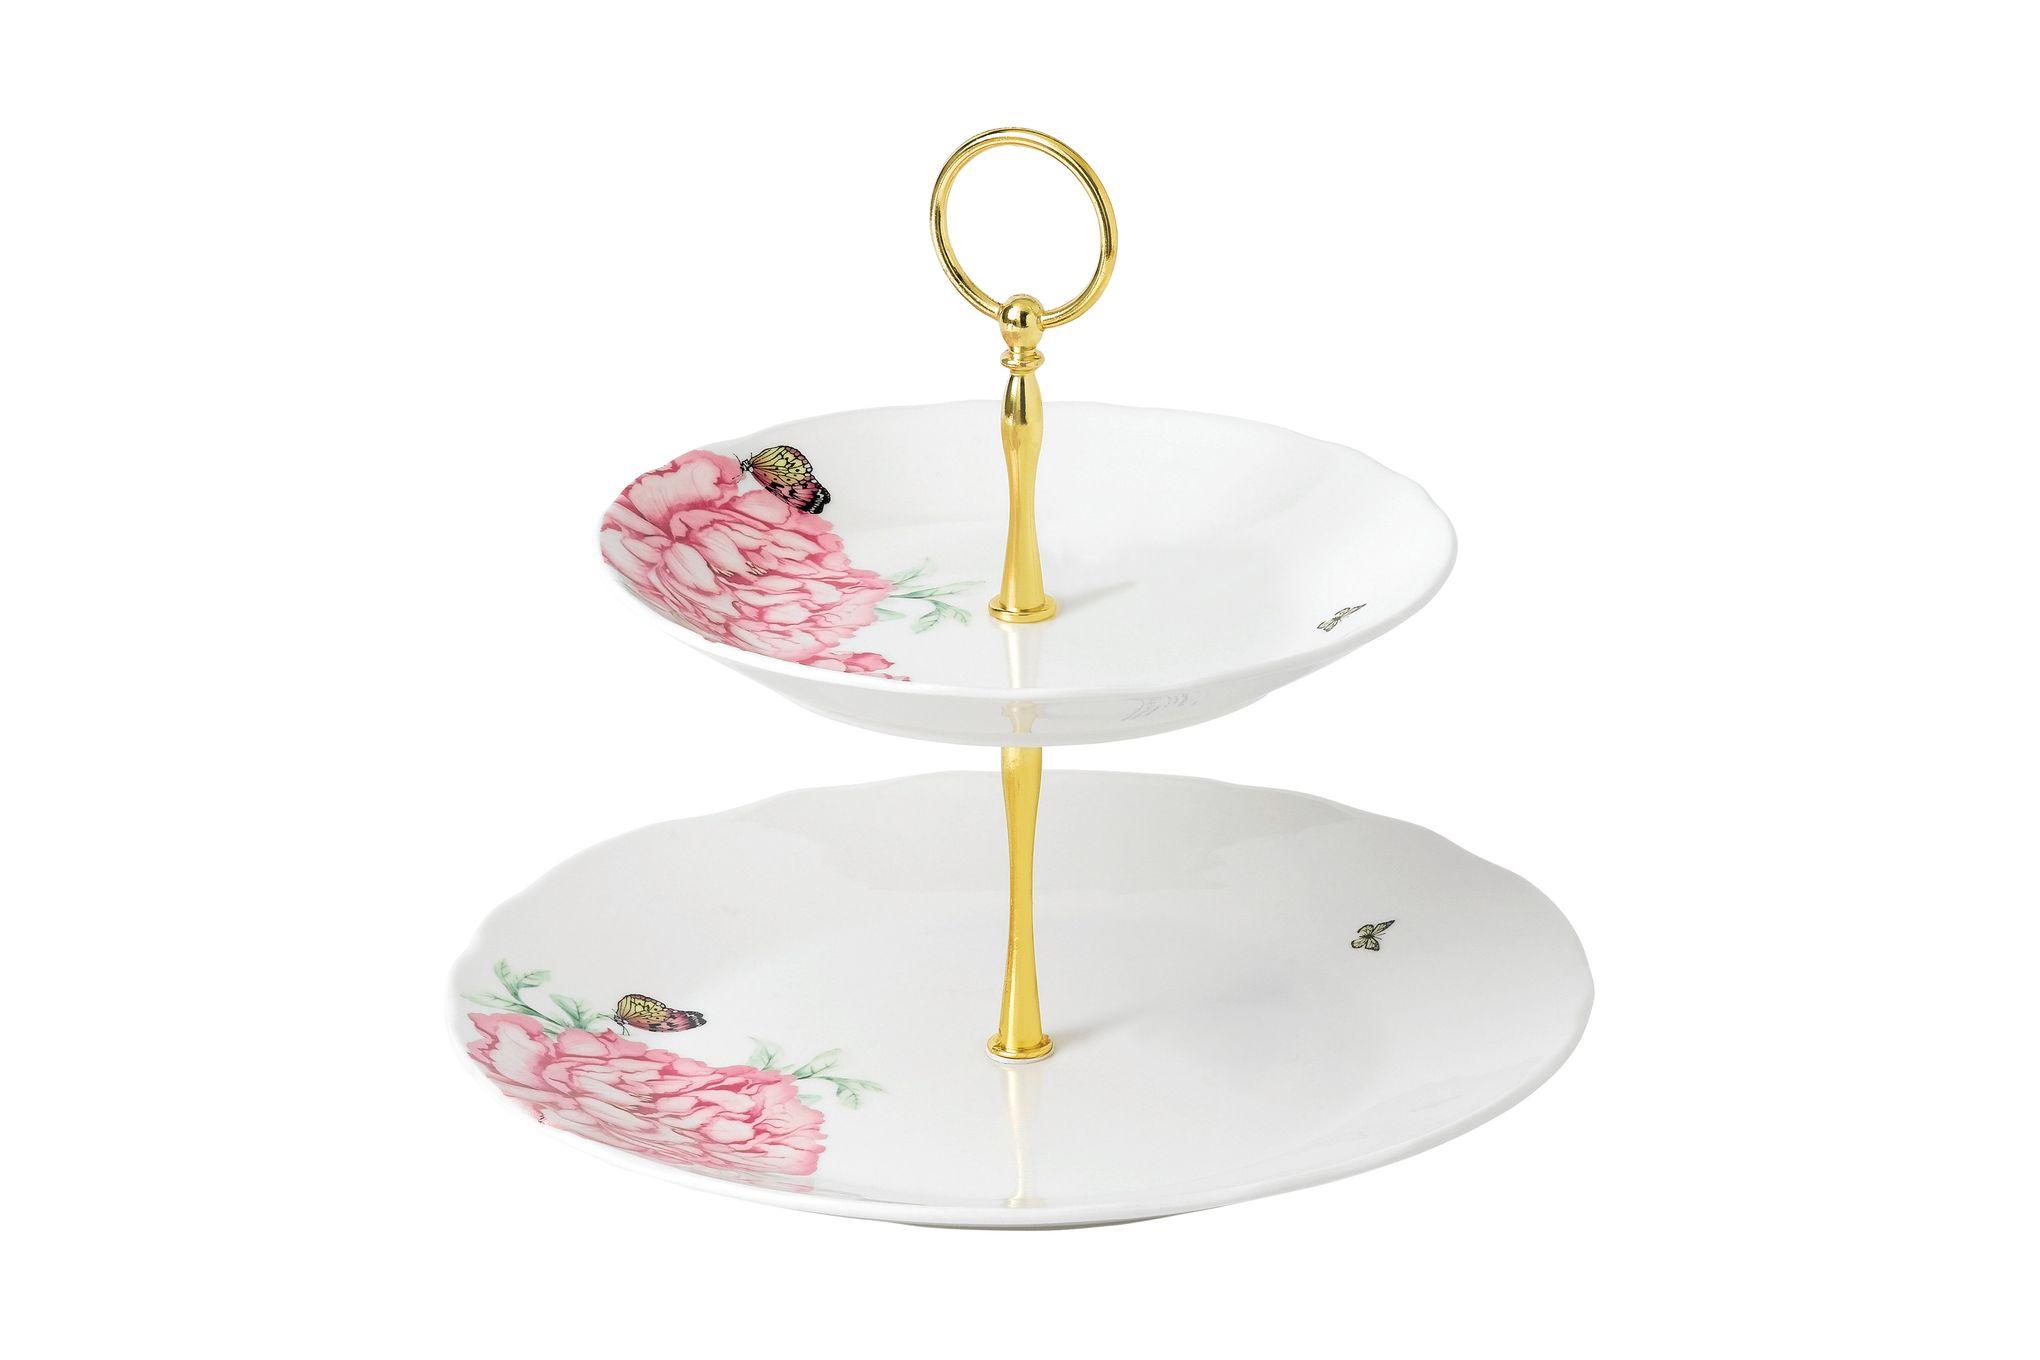 Miranda Kerr for Royal Albert Everyday Friendship 2 Tier Cake Stand 27cm/20cm White thumb 1